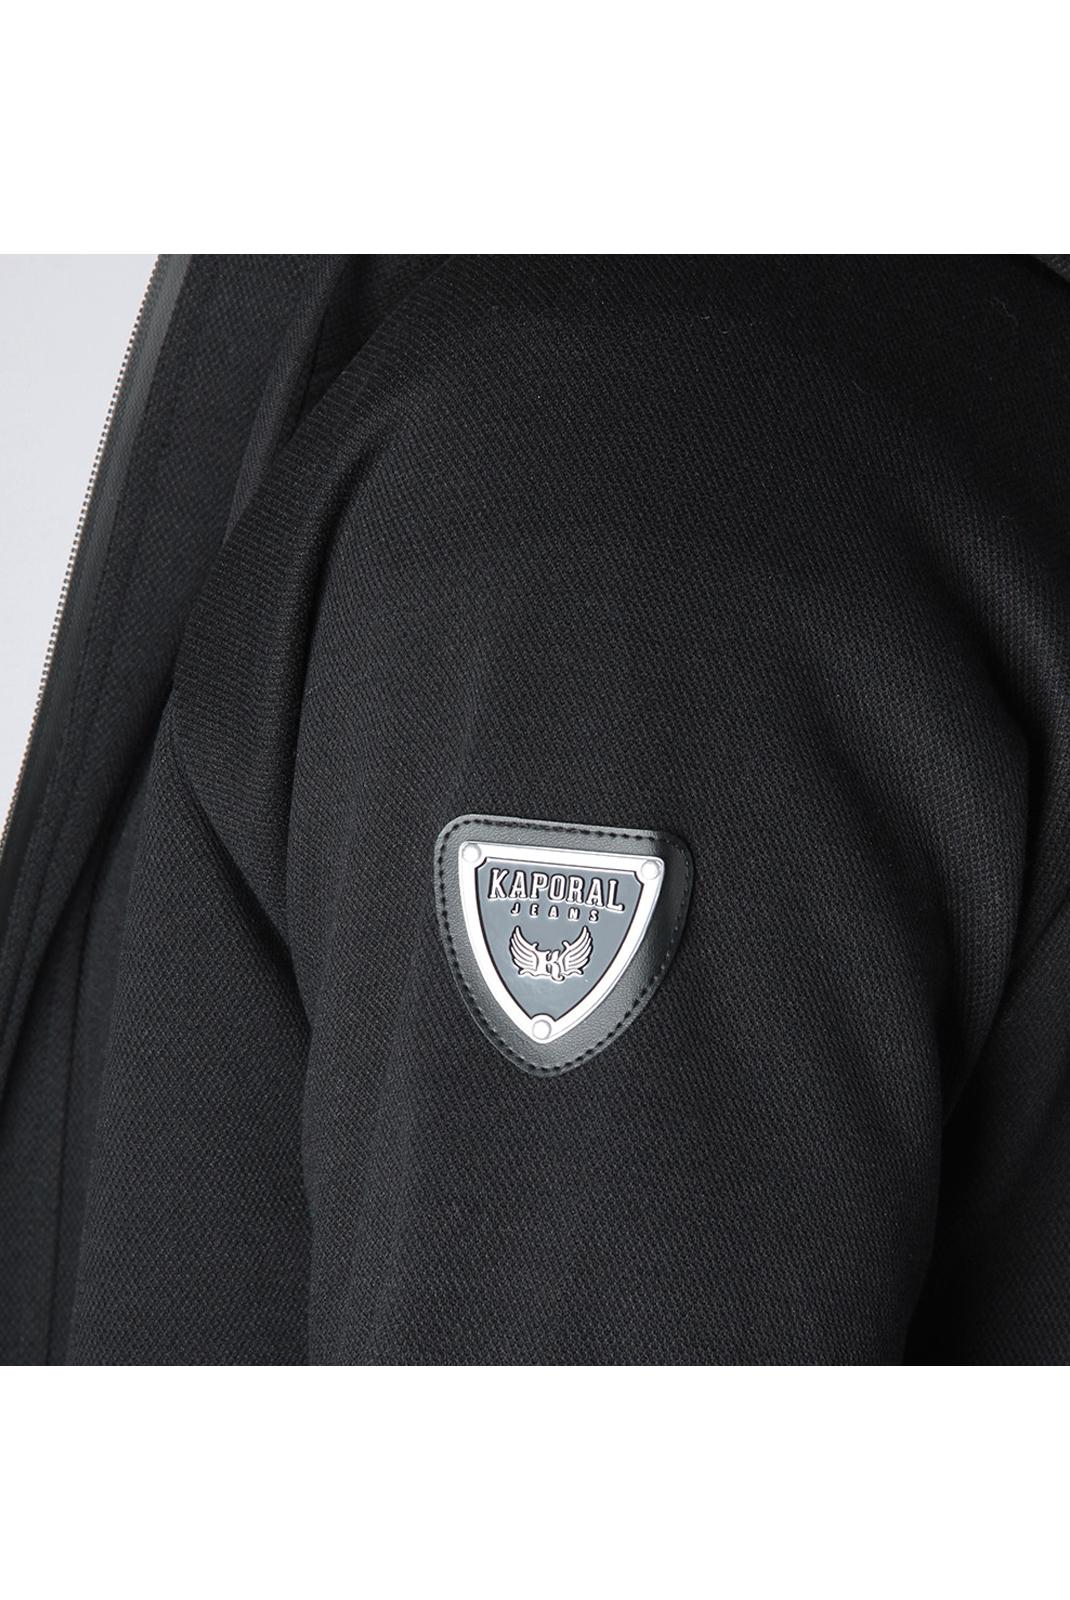 Pulls & Gilets  Kaporal ROSTY BLACK